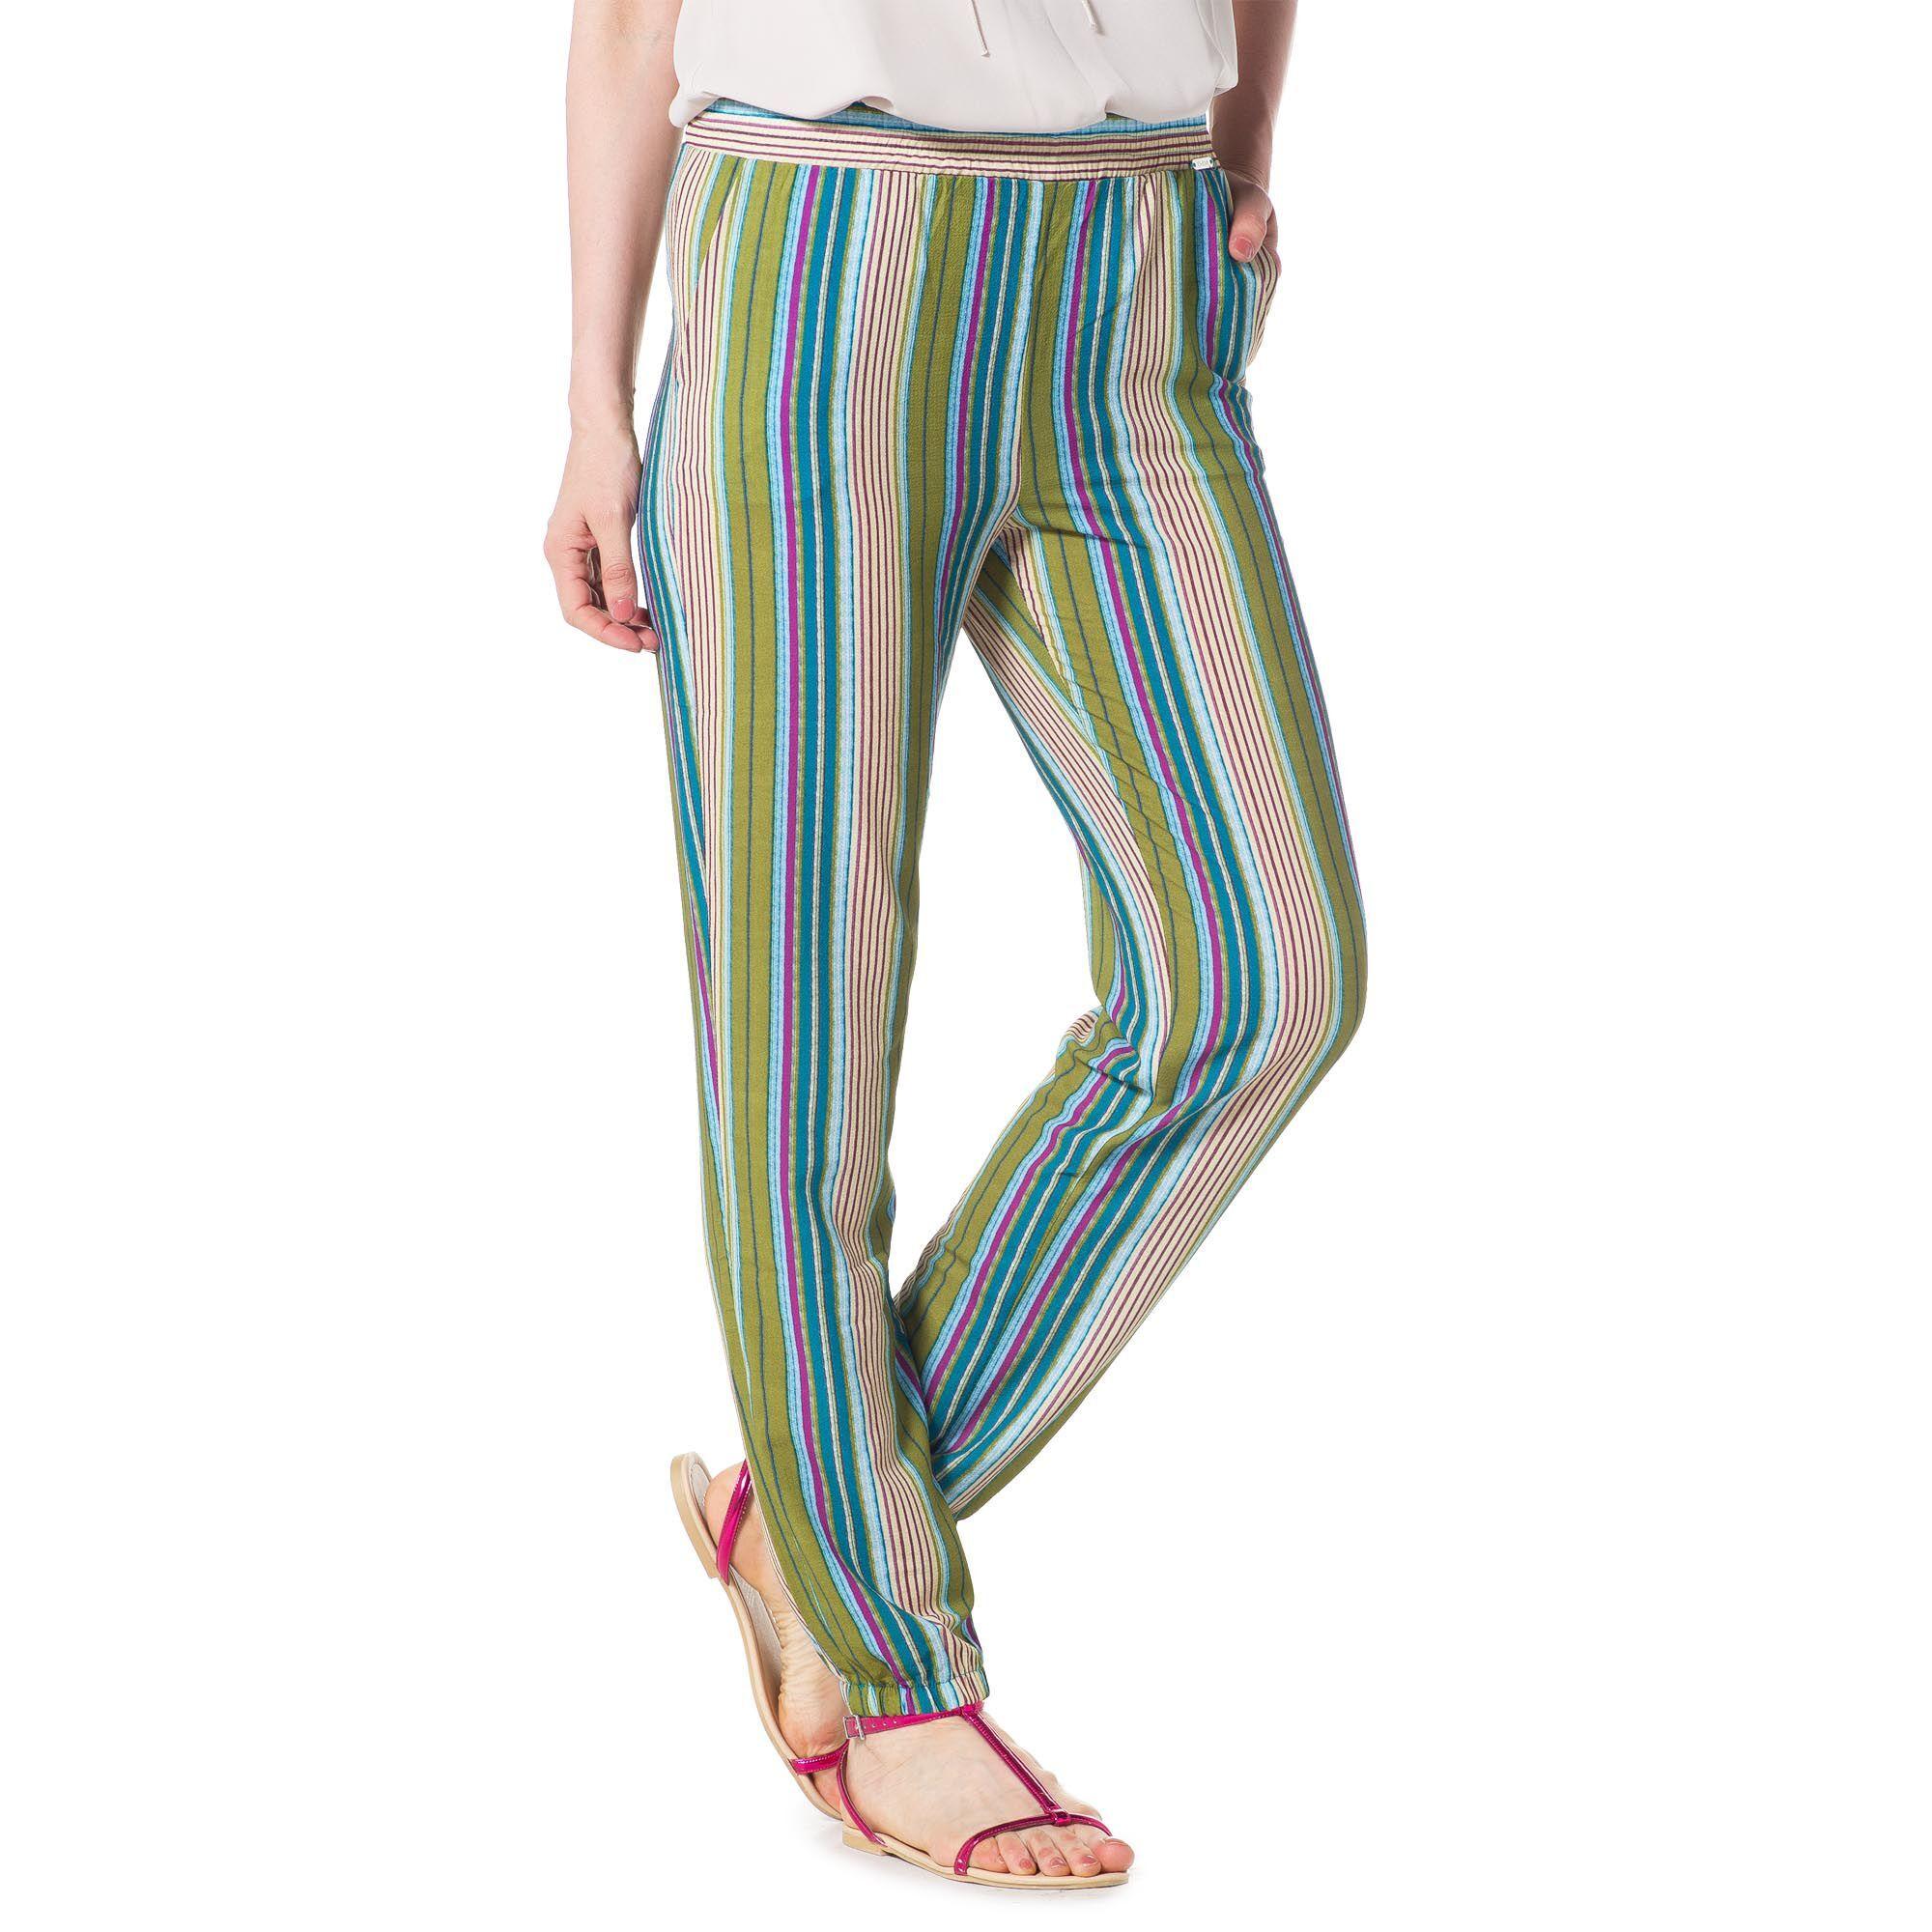 Officina della Moda Pantaloni fantasia con tasche alla francese ed elastico al fondo